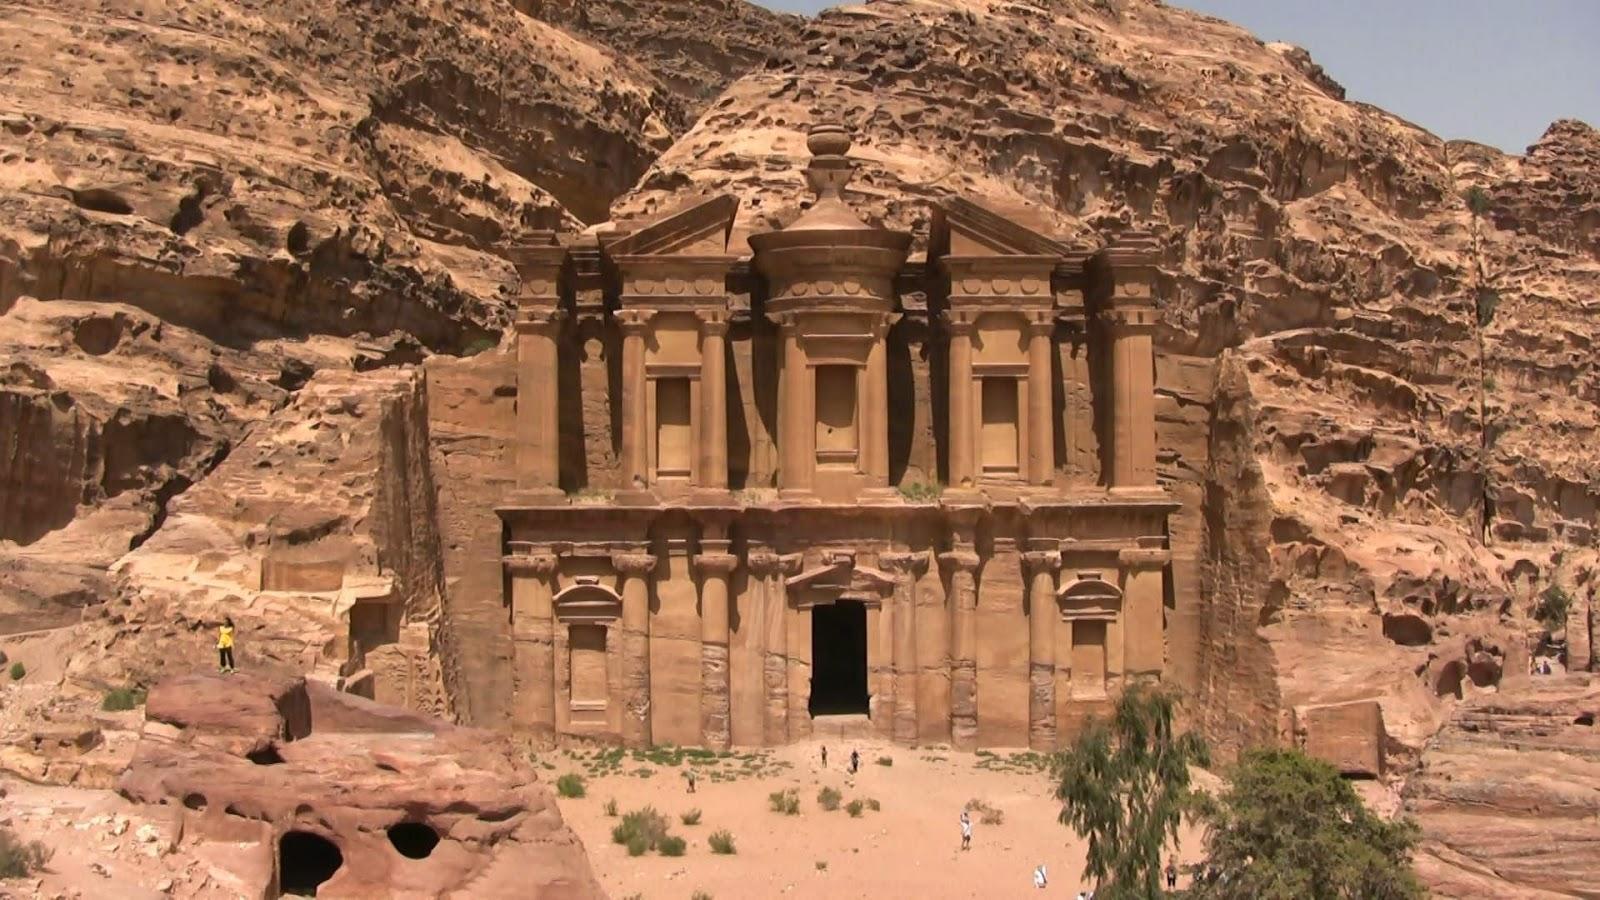 Petra (Jordânia): o que você precisa saber antes de viajar para lá